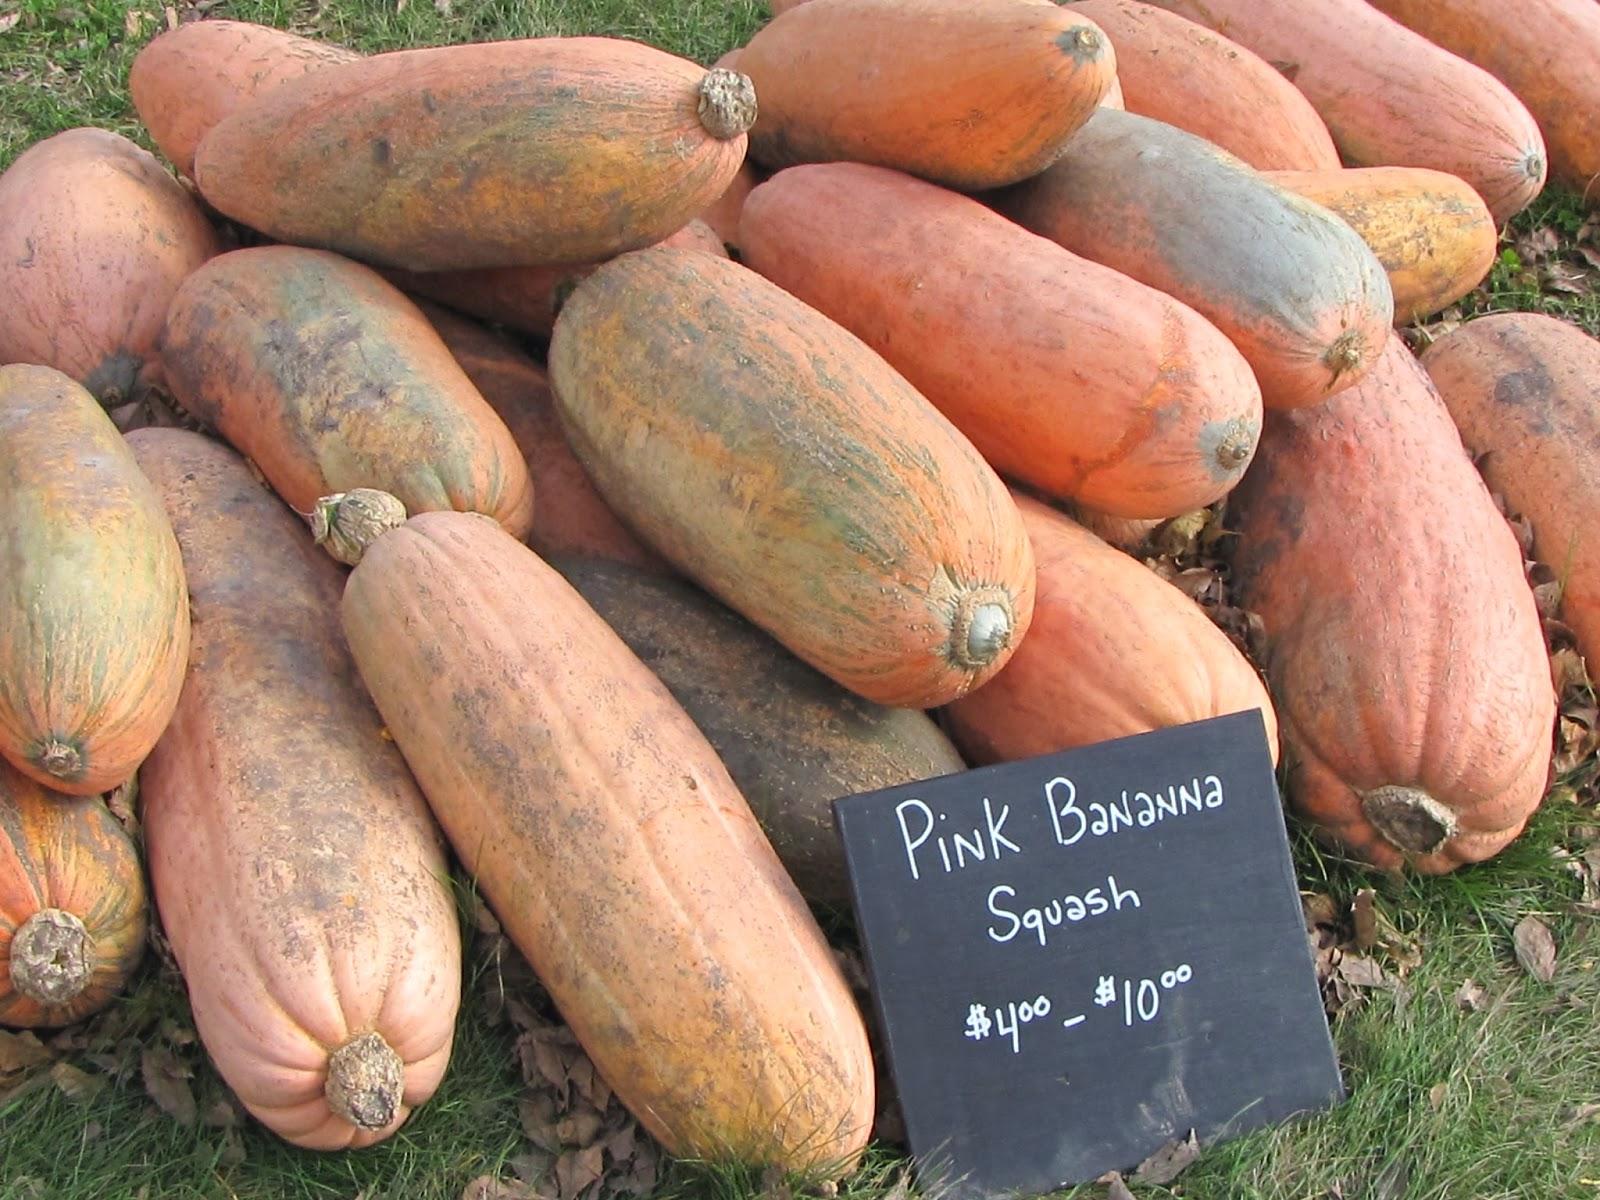 Экзотический овощ с необычным вкусом и названием — тыква «розовый банан»: описание сорта